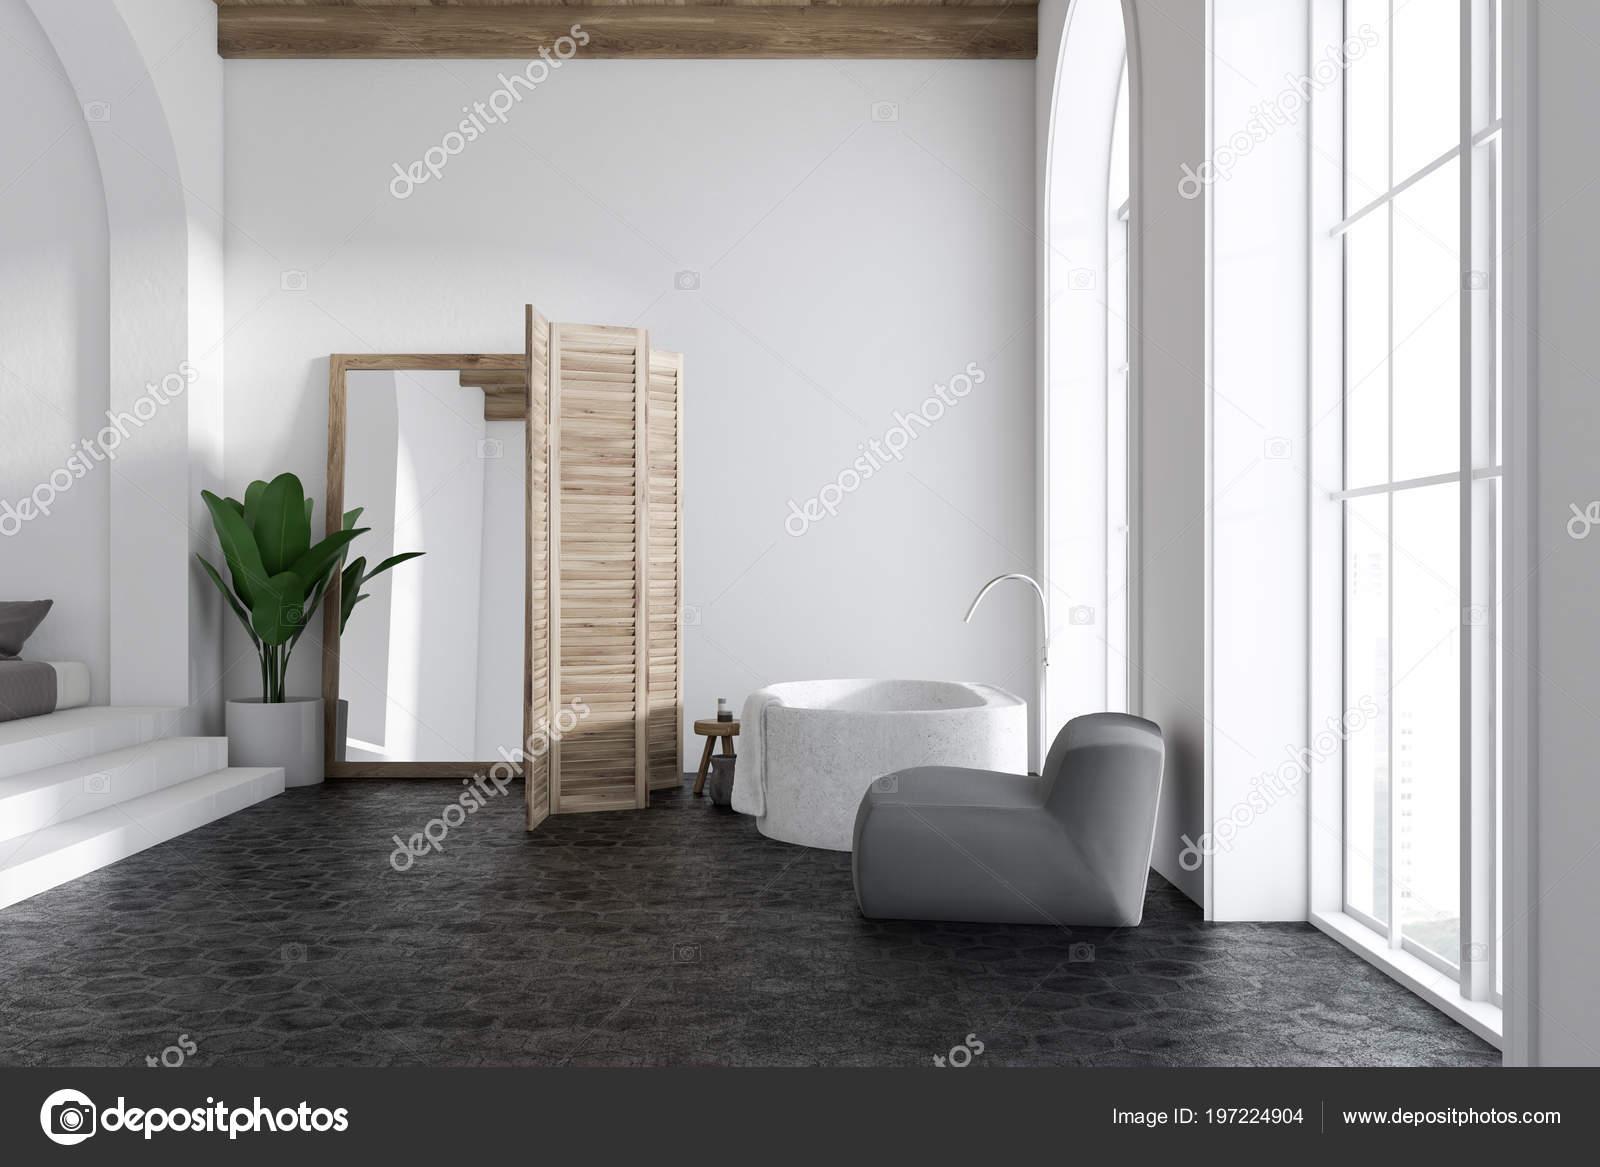 Vasca Da Bagno Verticale : Interiore stanza bagno lusso bianca con pavimento cemento una